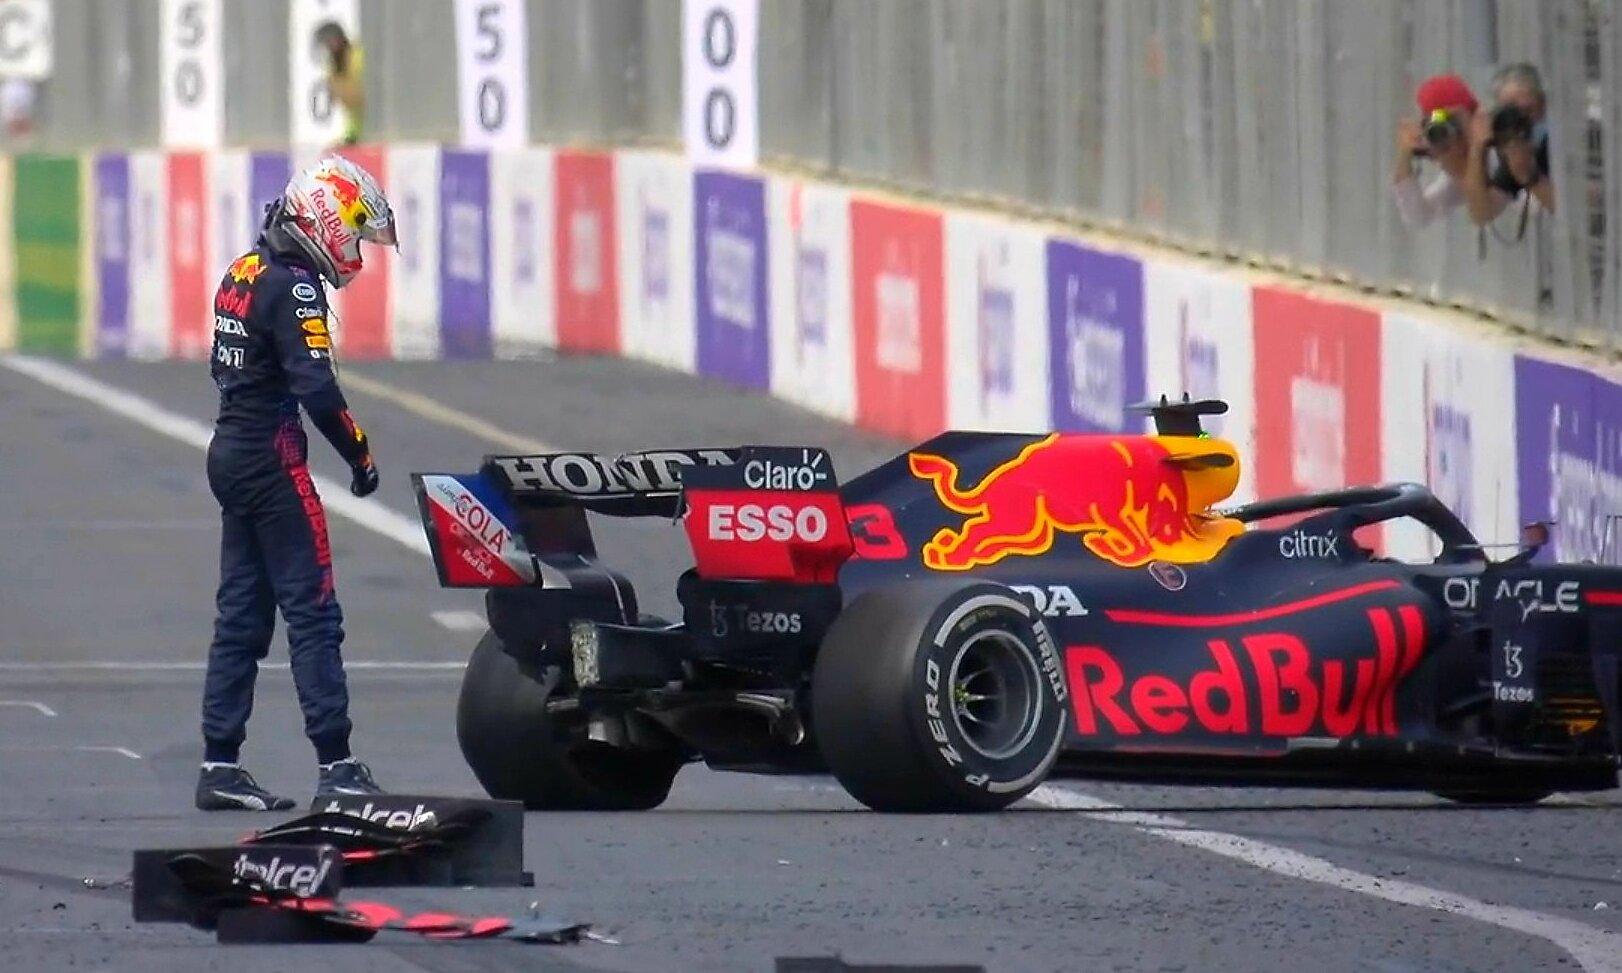 Verstappen tuyệt vọng bên chiếc RB16B bị nổ lốp đúng lúc anh đang dẫn đầu và tràn trề hy vọng về nhất tại Baku. Ảnh: Formula1